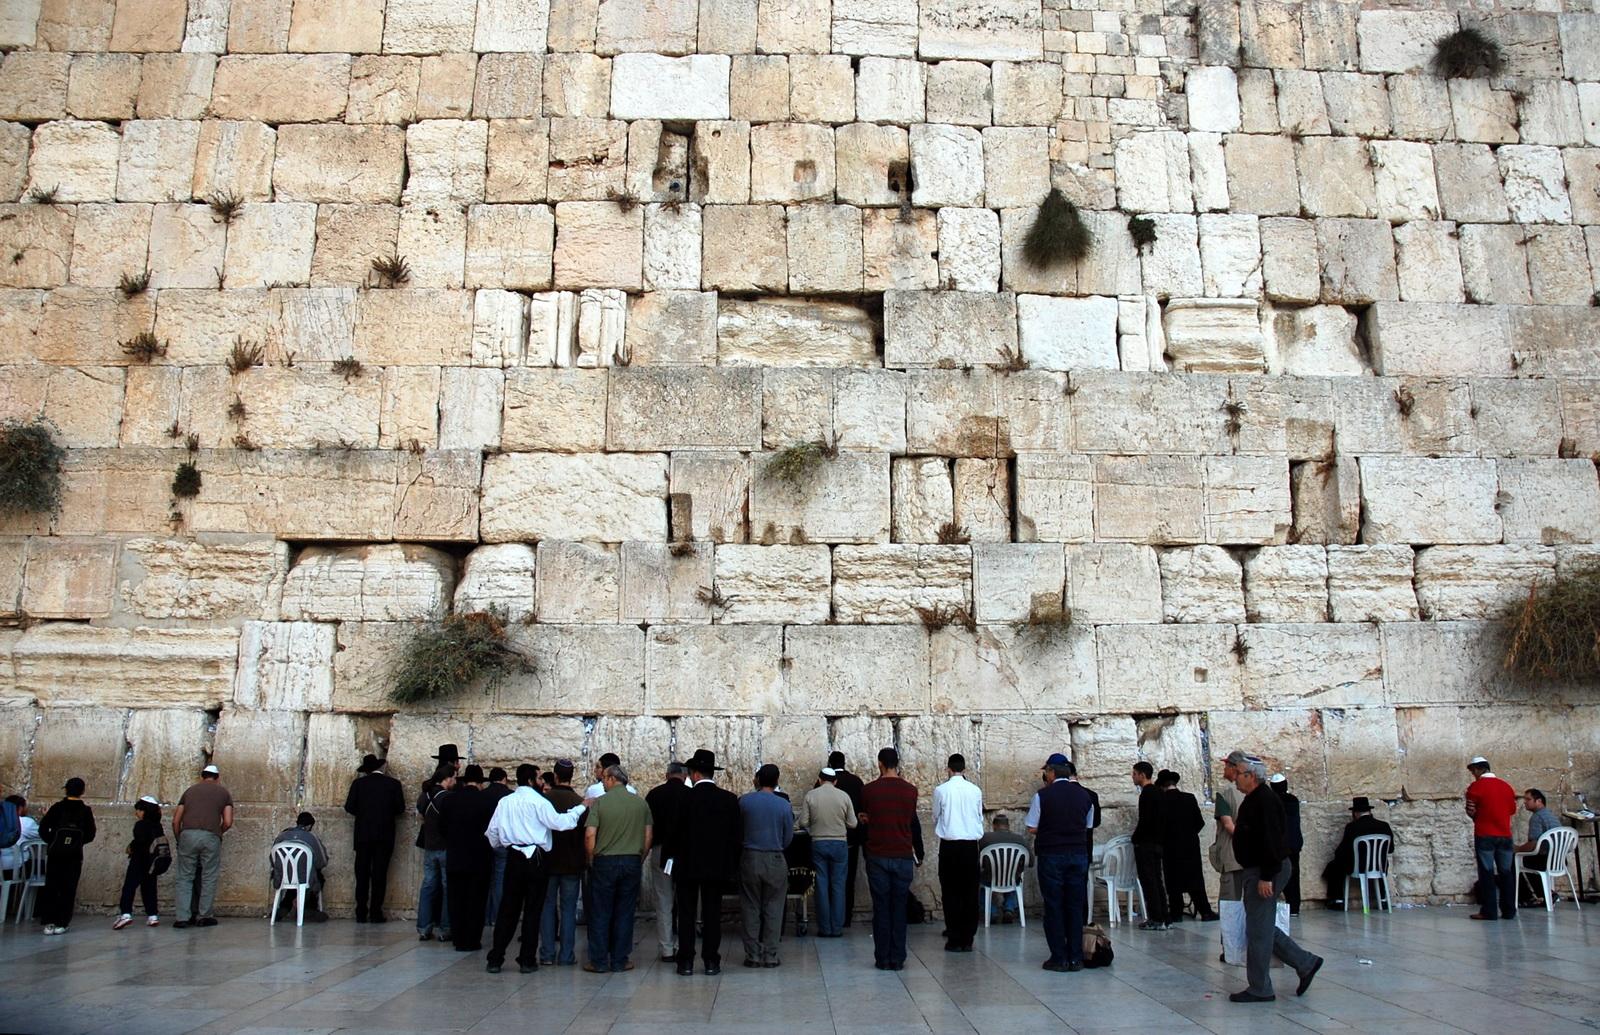 קיר הכותל המערבי ומתפללים